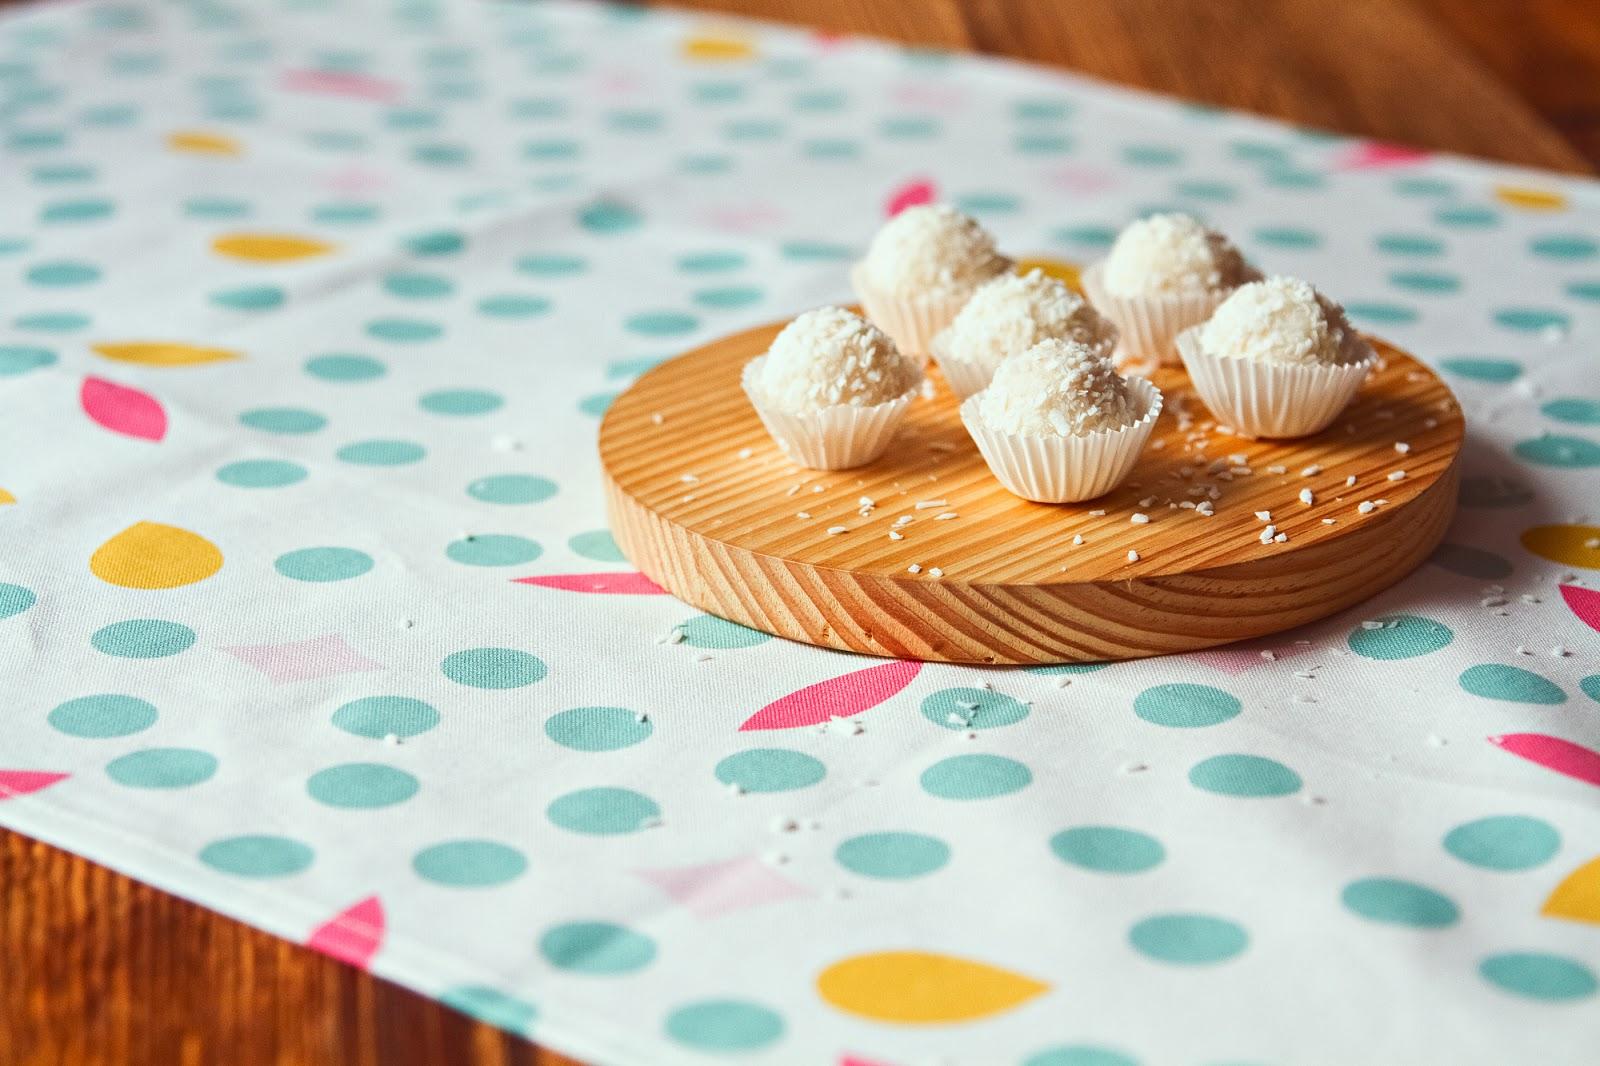 Przetestuj prosty przepis na bezglutenowe fit kulki z kaszy jaglanej idealne dla dużych i małych. Spraw sobie słodką, zdrową przekąskę.